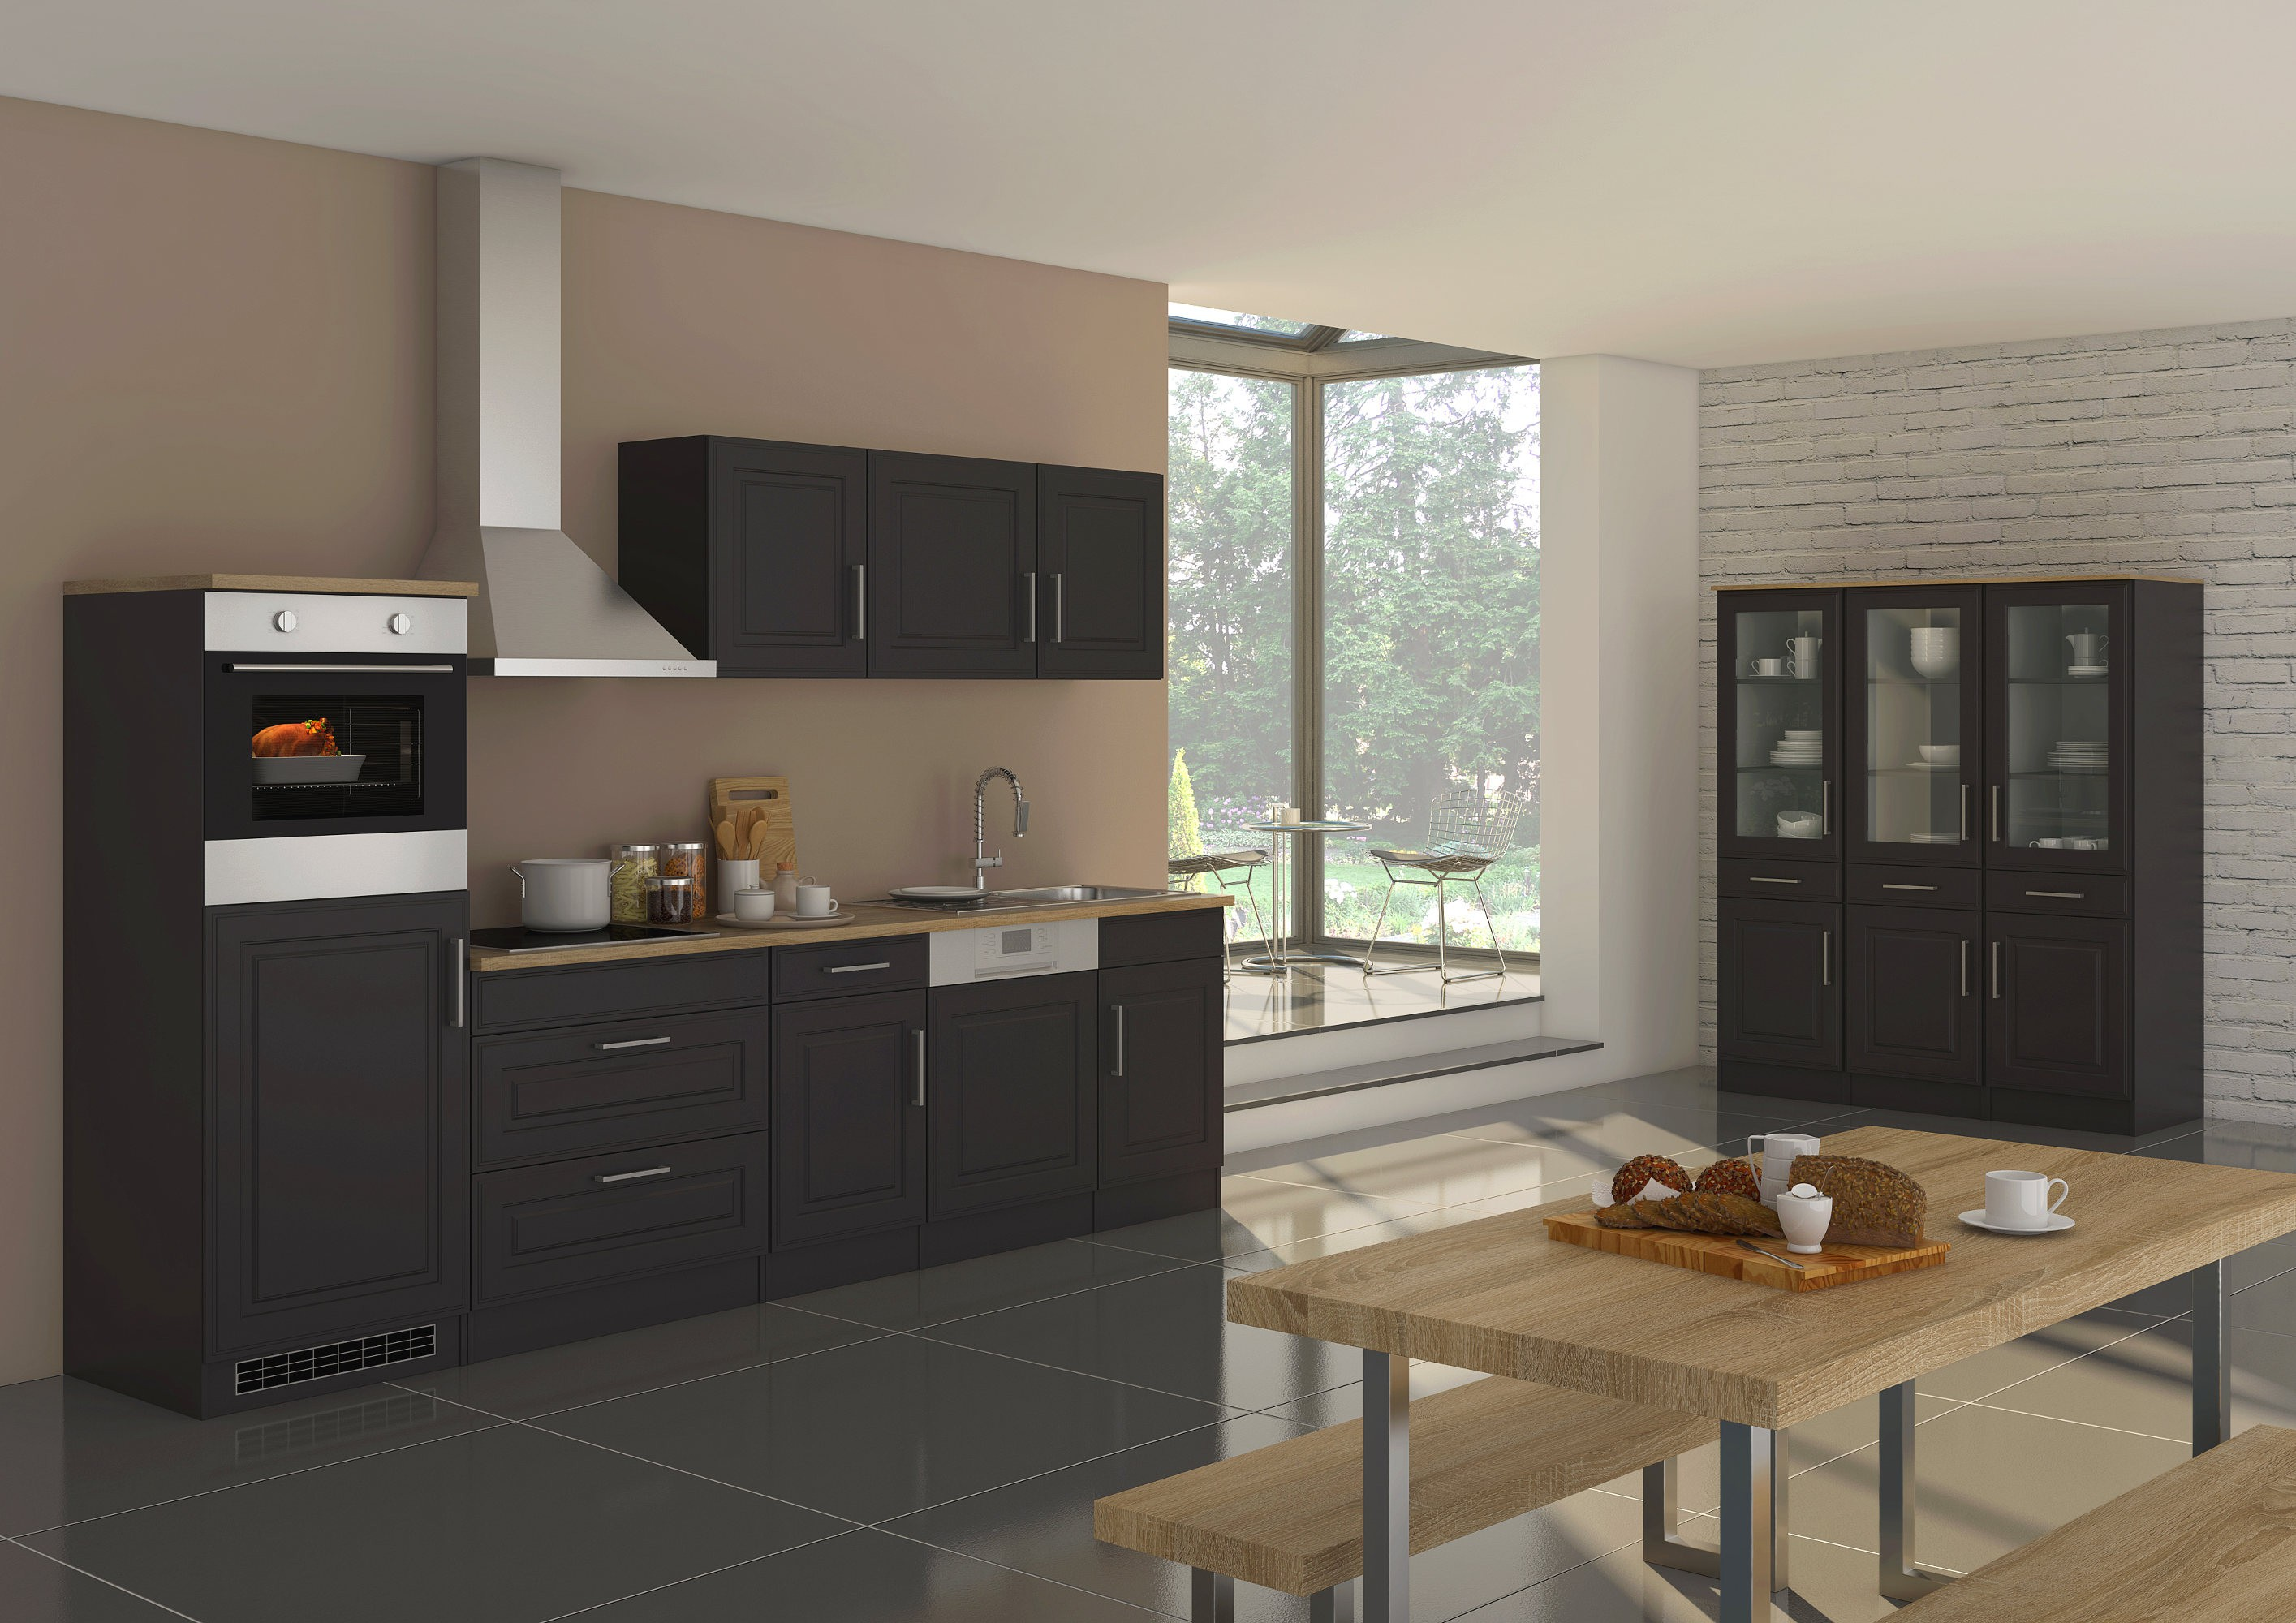 KüchenSpülcenter KÖLN  1türig  110 cm breit  Grau